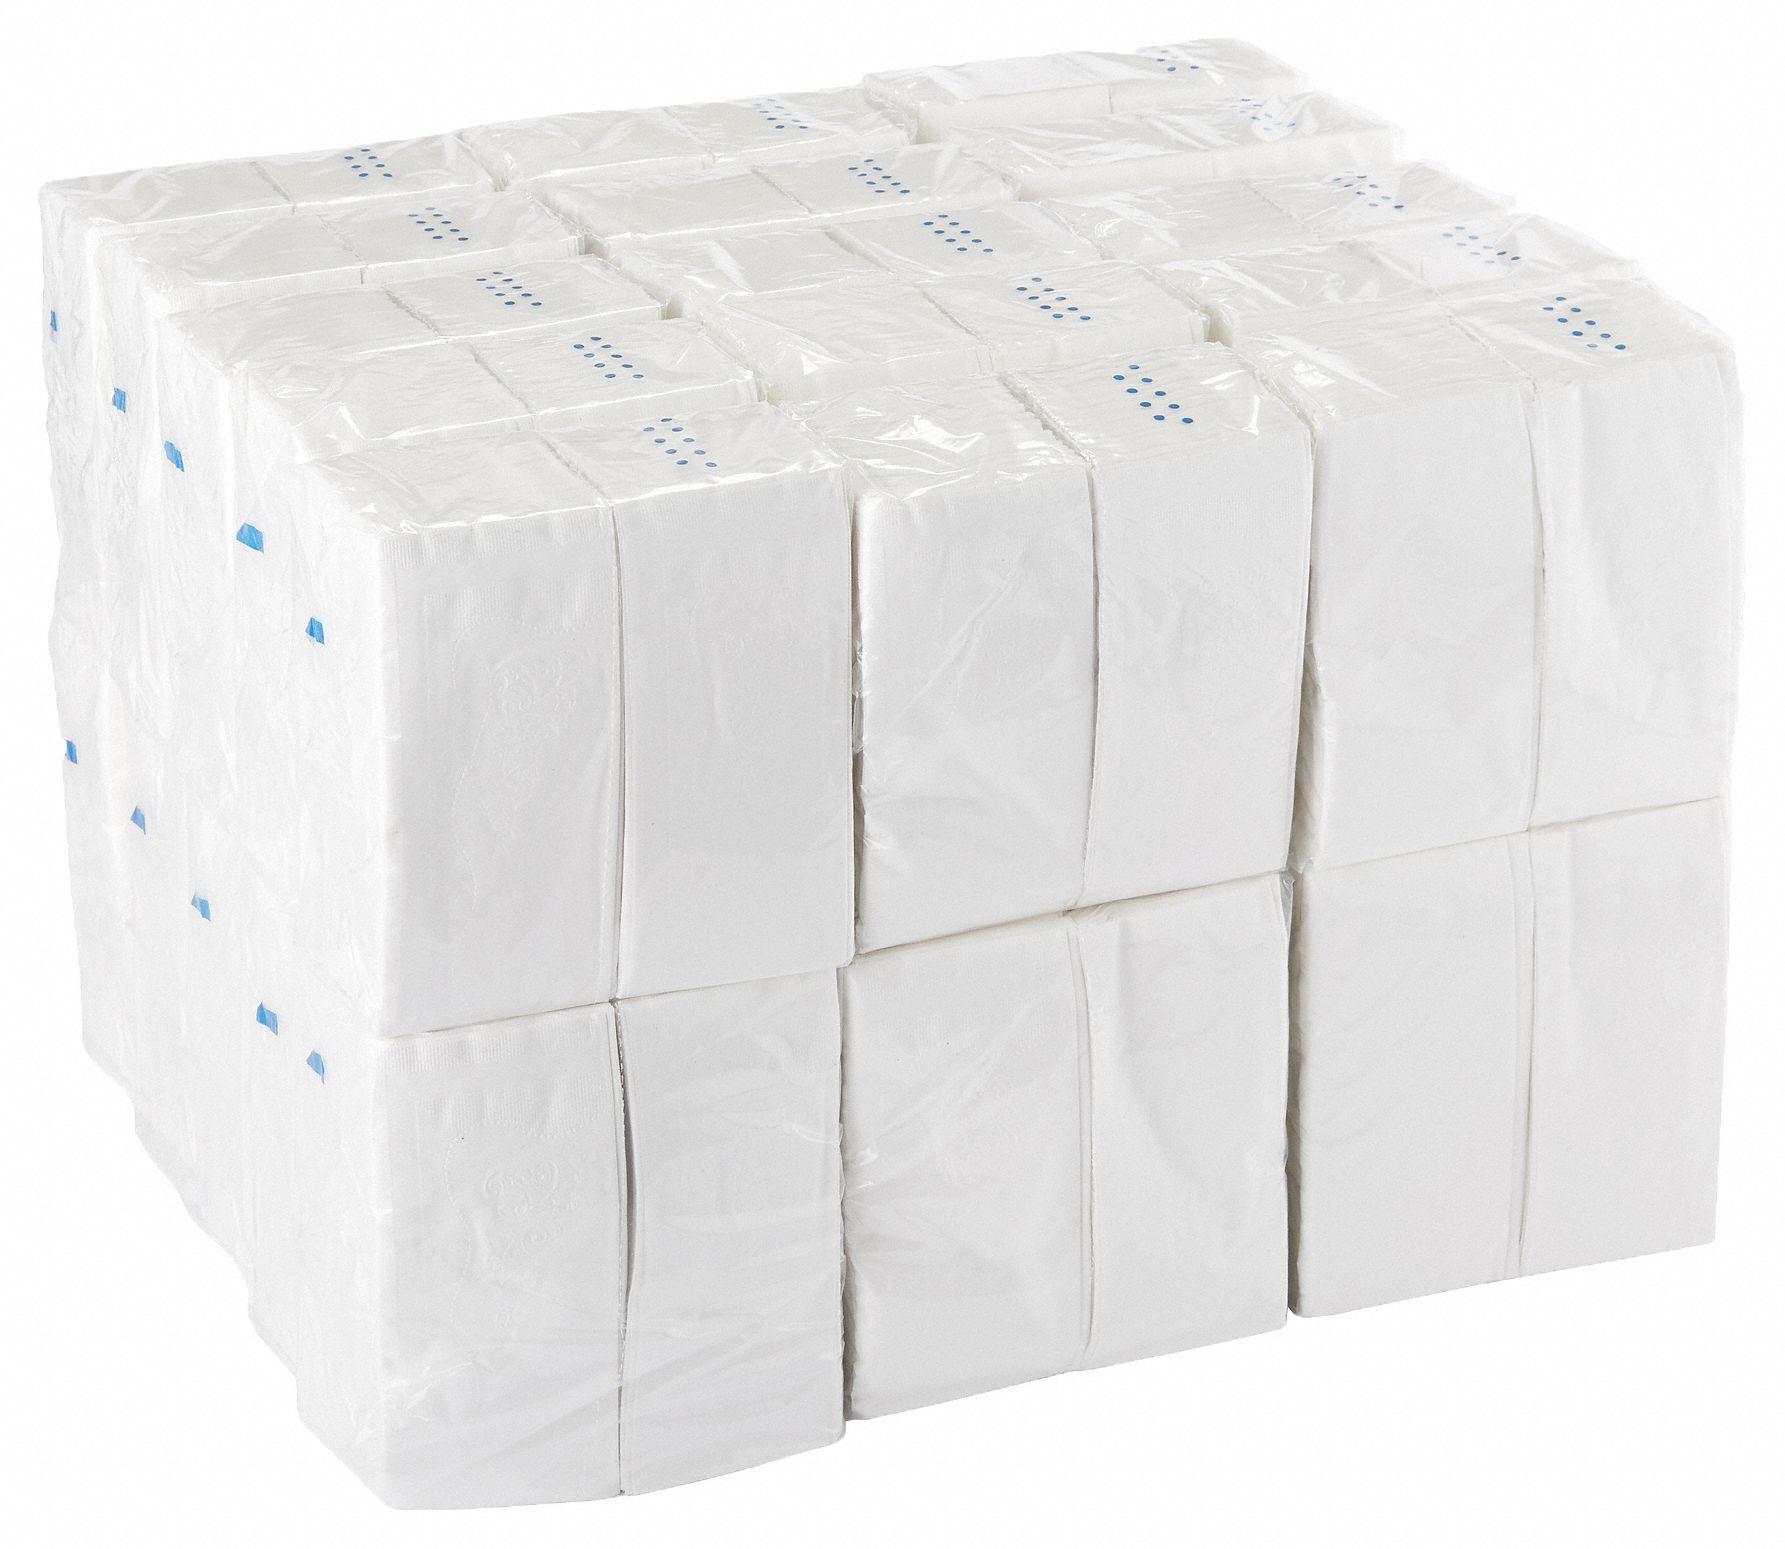 Dixie 1 8 Fold Dinner Napkin Scrollwork White 3 3 4 In X 8 In Folded Size 3000 Pk 4ecn1 31436 Grainger